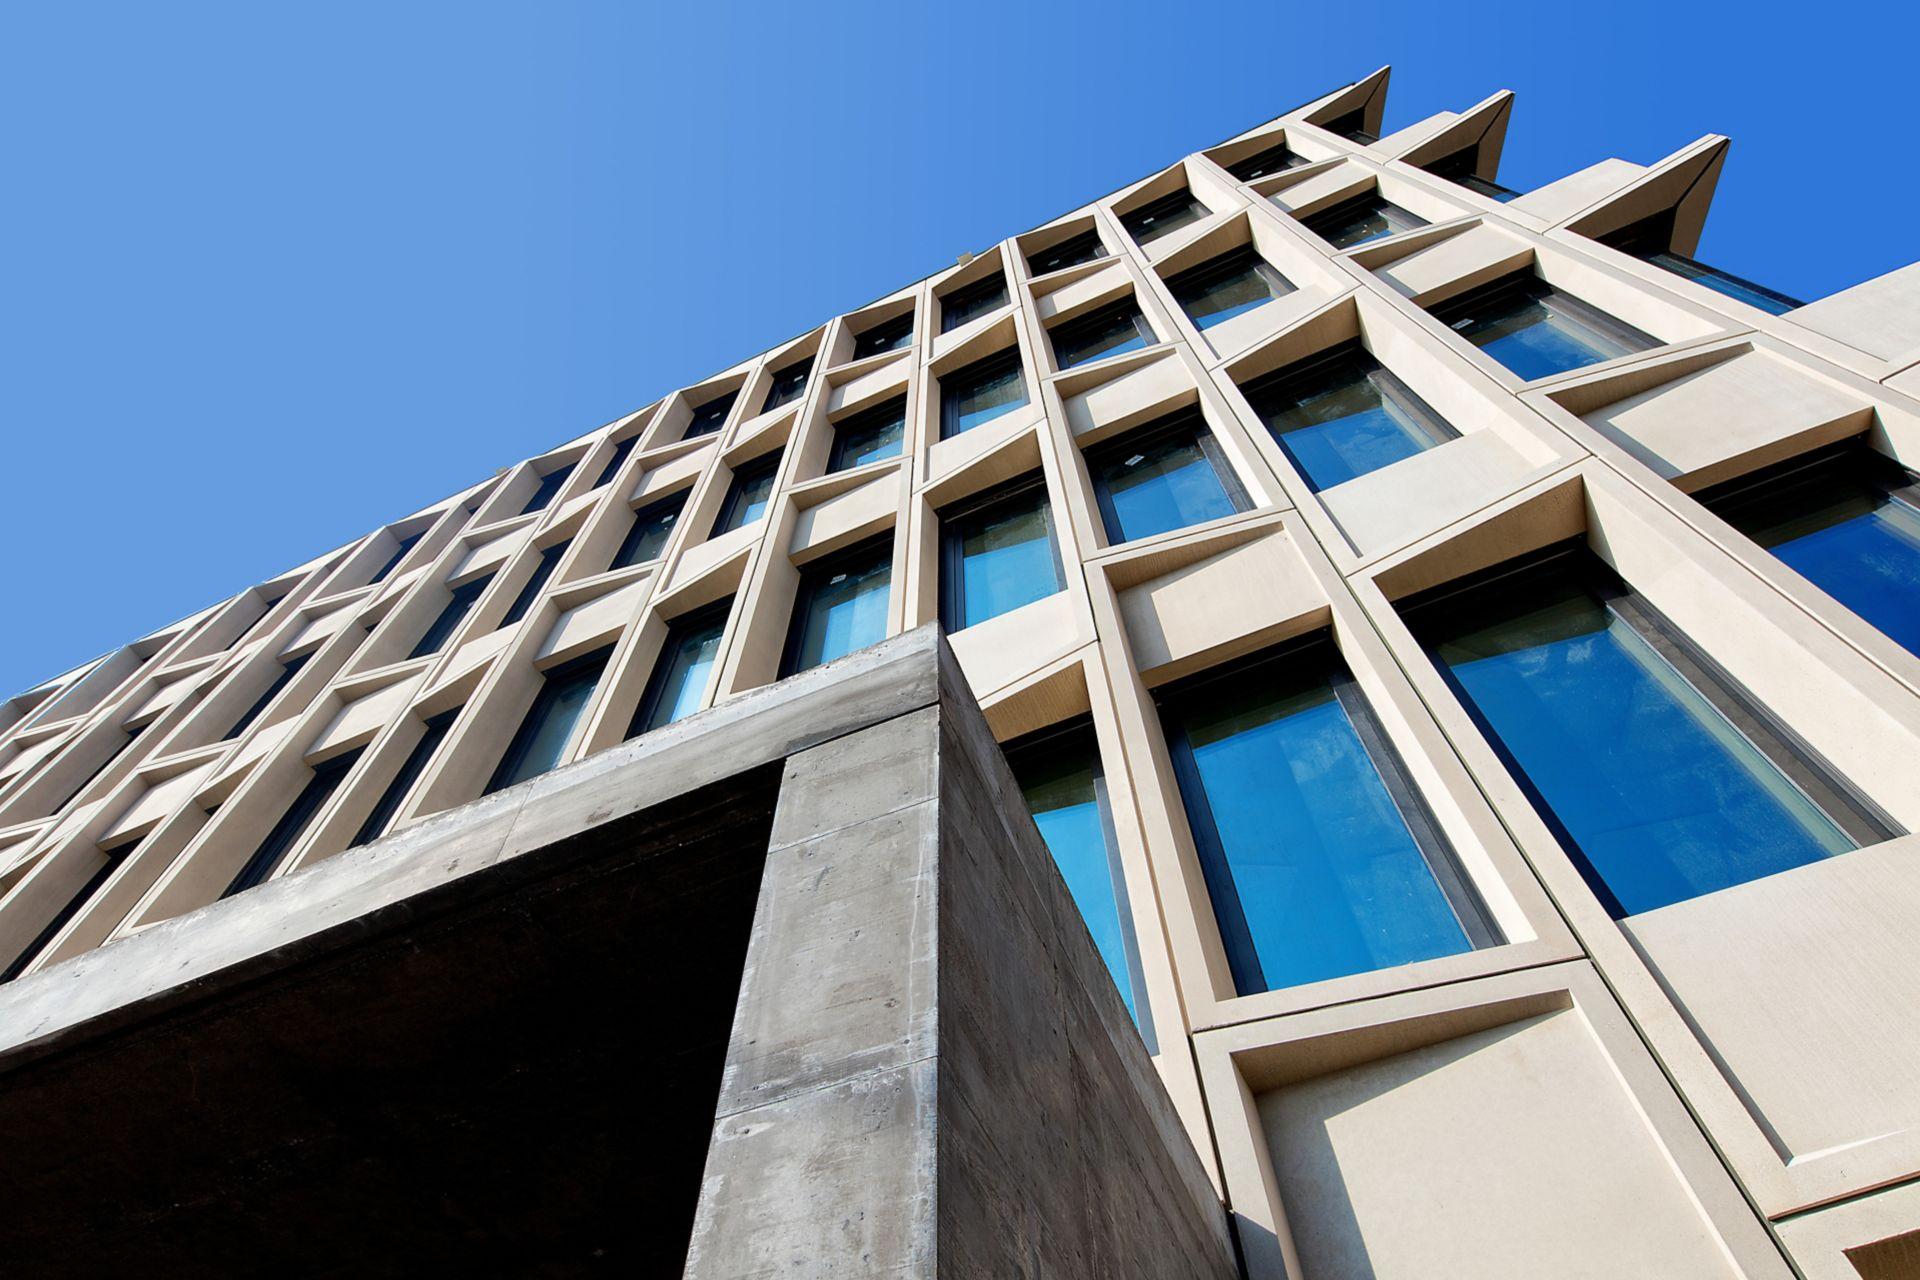 Sika offices in Zurich, Switzerland